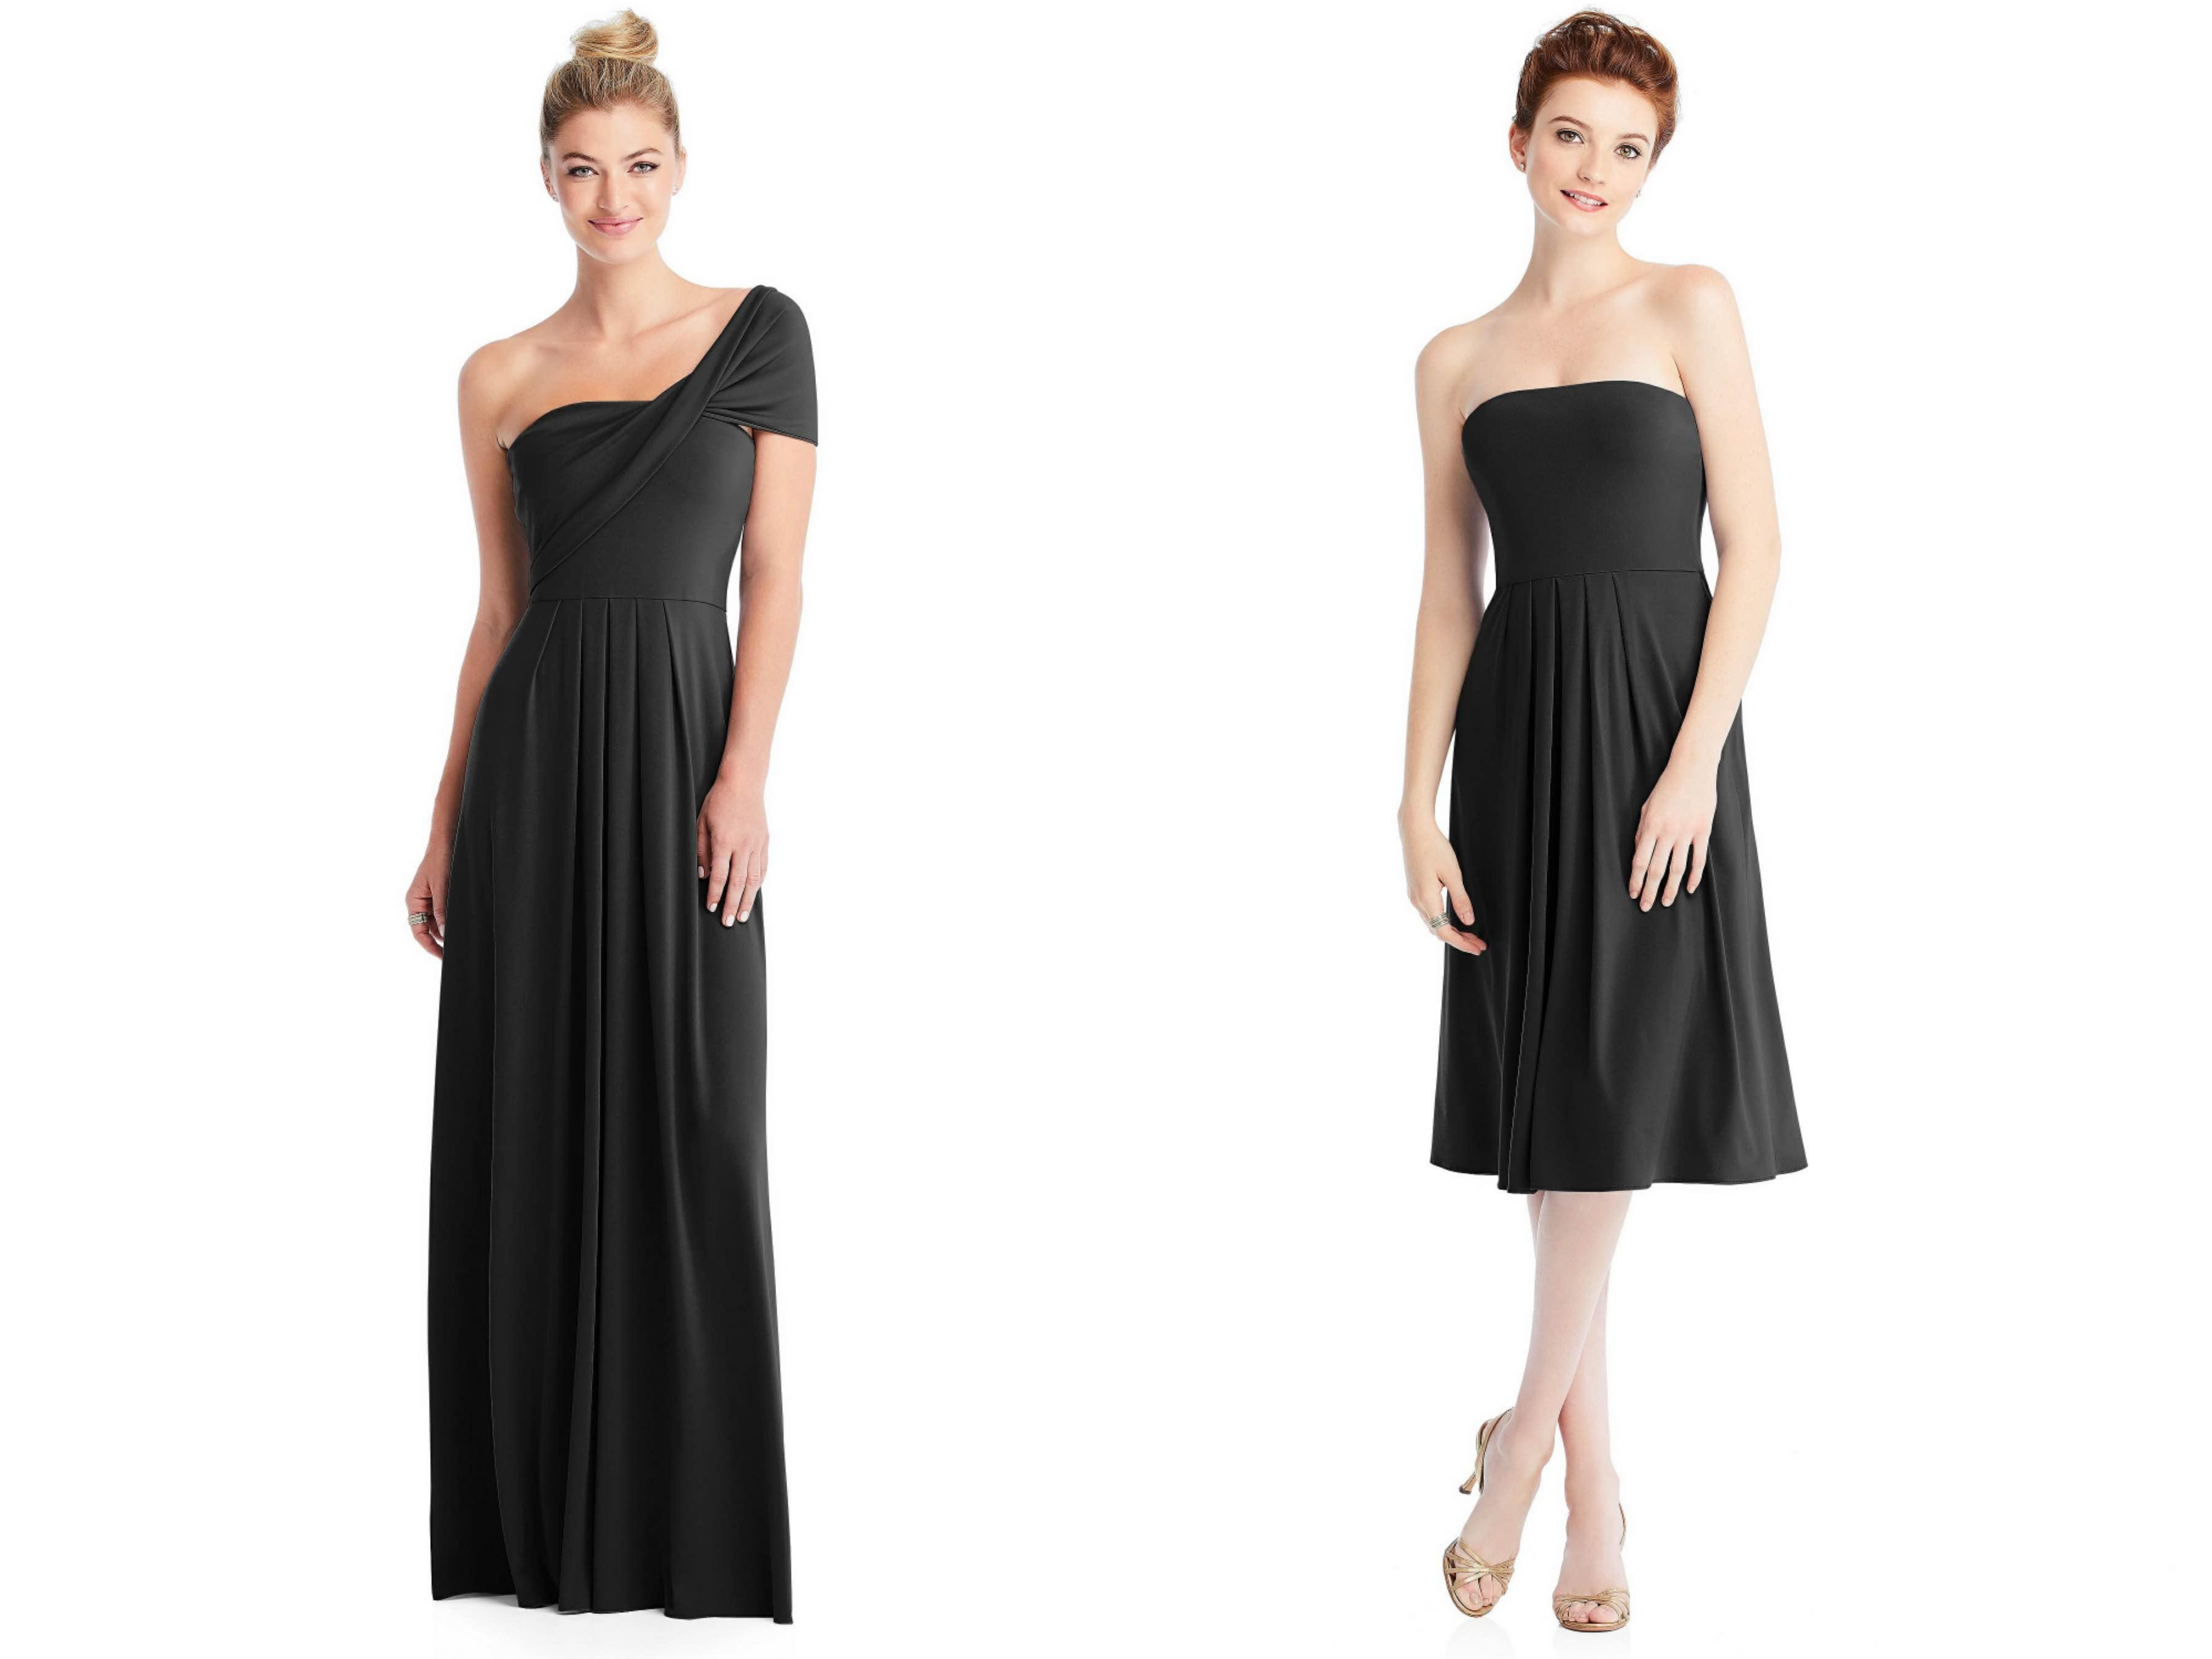 loop dress